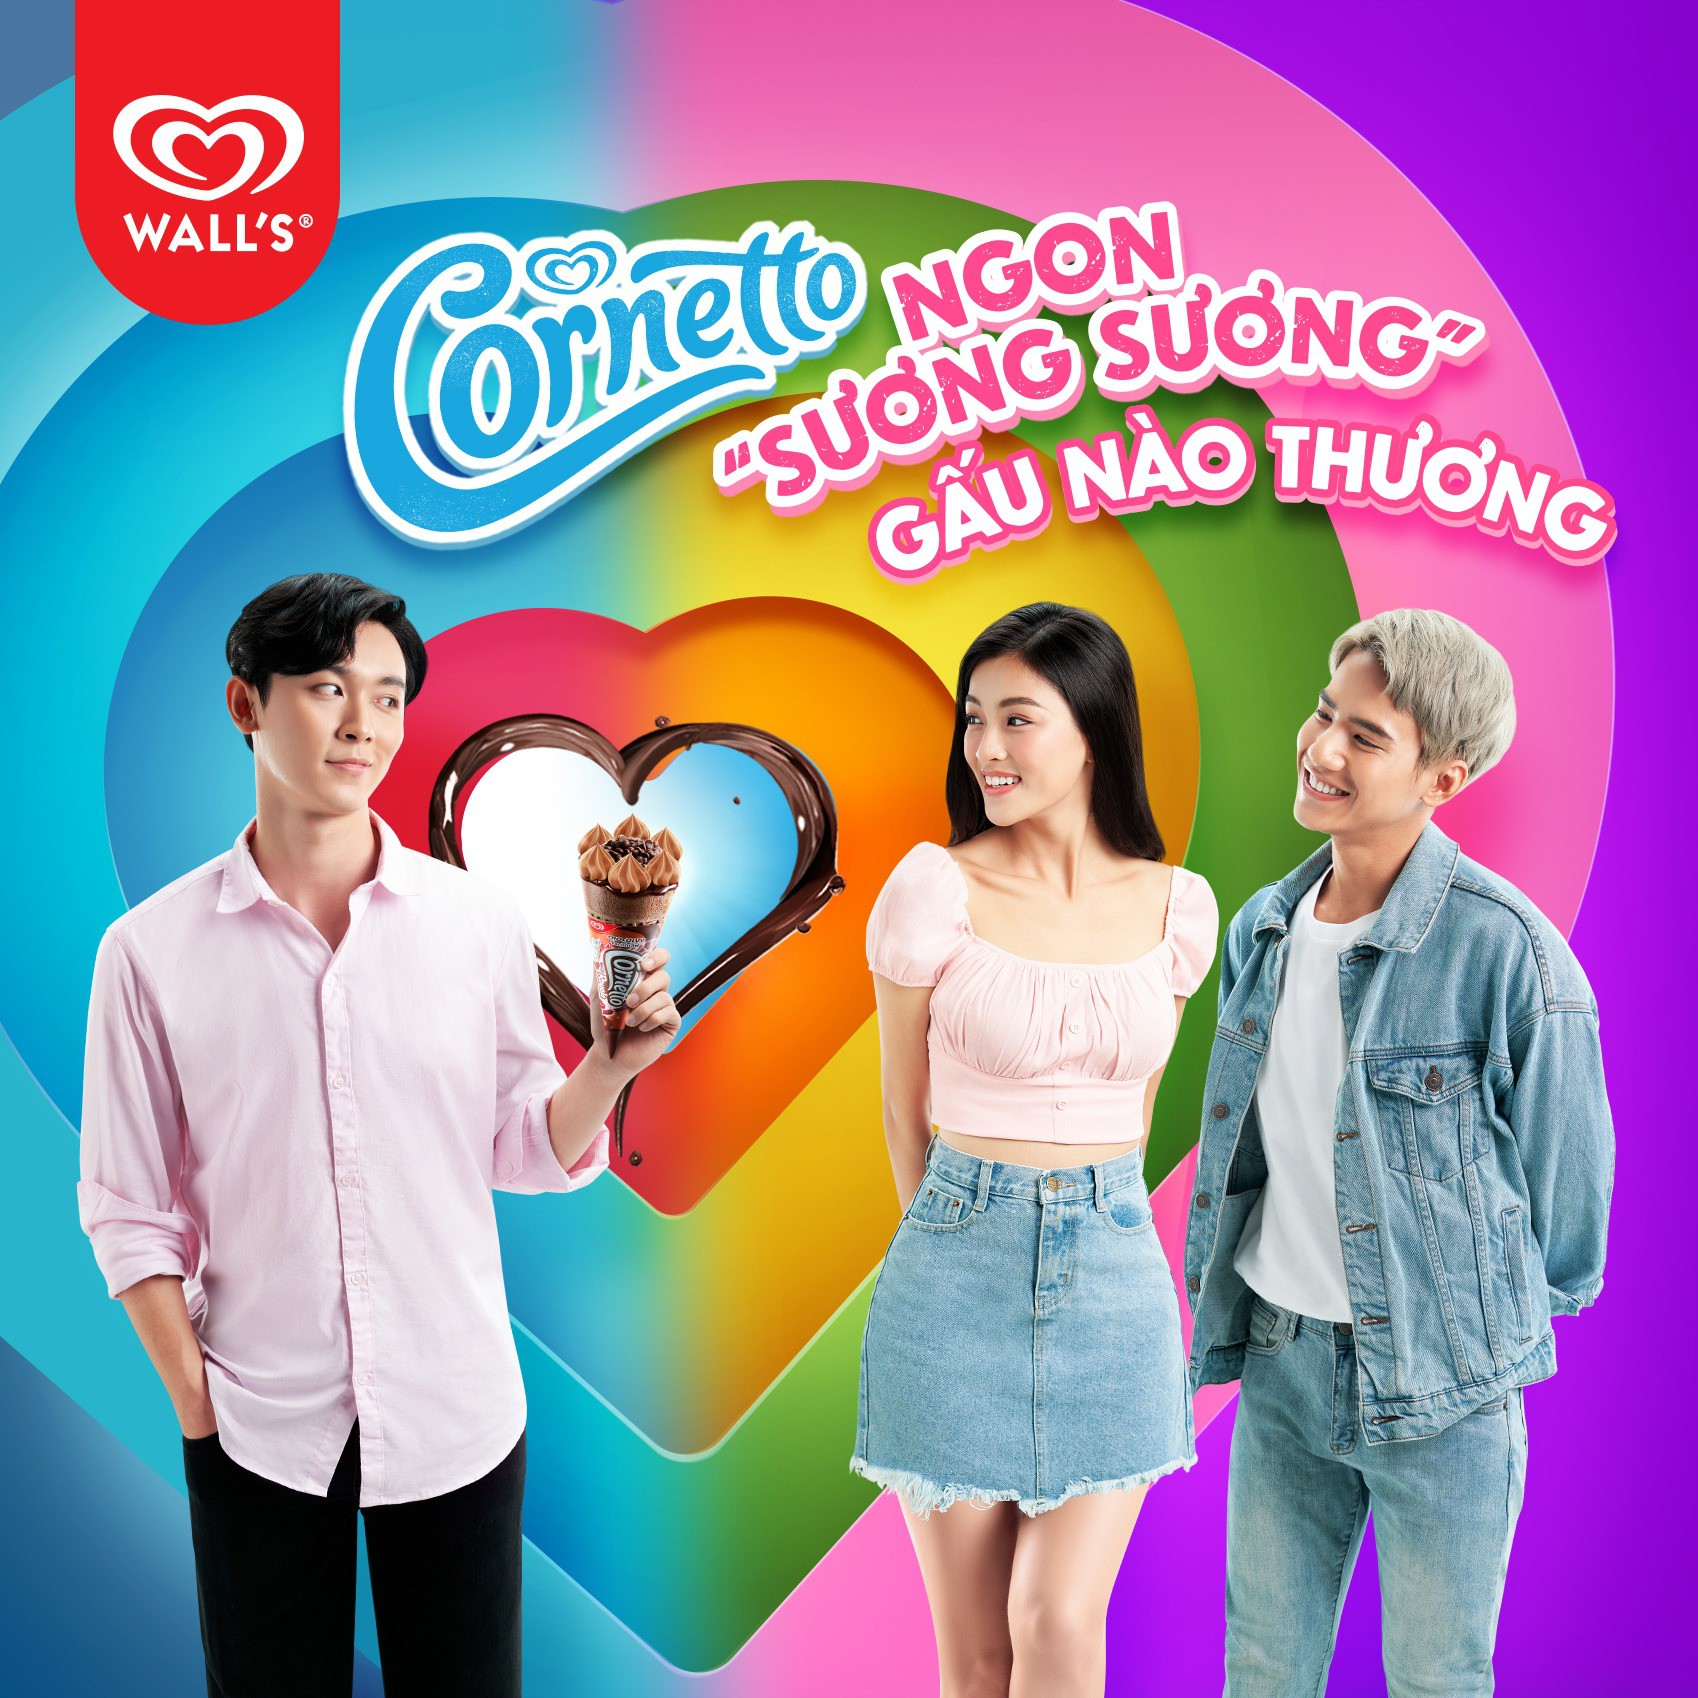 Điều gì khiến biển quảng cáo này trở thành nơi khiến giới trẻ Sài Gòn lẫn Hà Nội hào hứng tranh nhau check-in? - Ảnh 6.